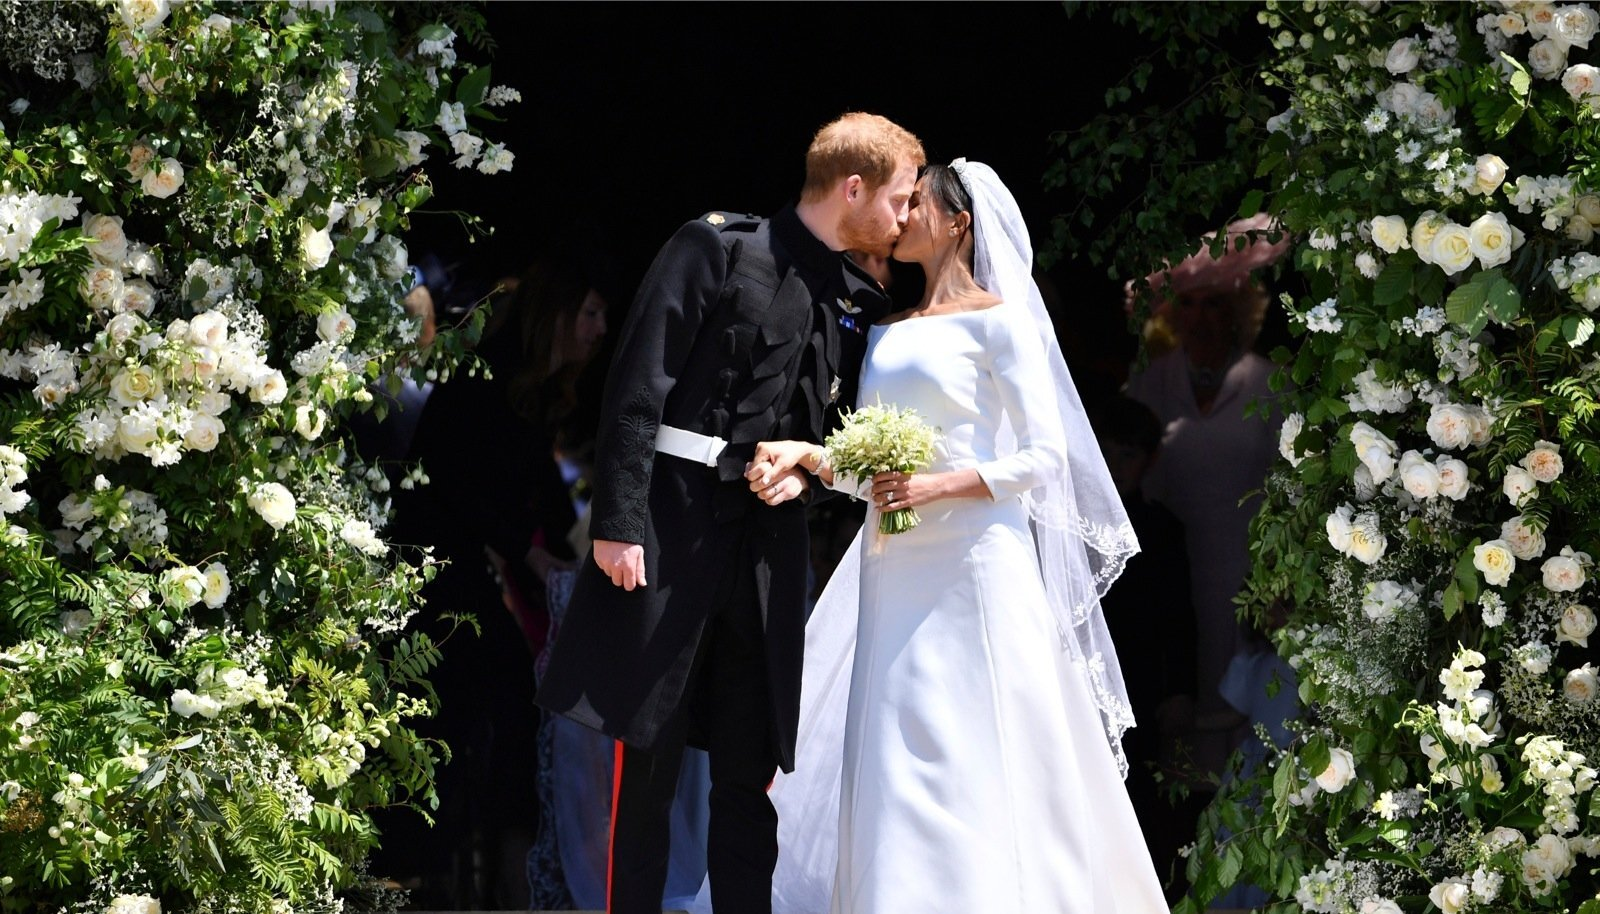 Paarile anti pulmakingiks Sussexi hertsogitiitel. Eelmine Sussexi hertsog võitles 19. sajandil orjuse kaotamise eest.